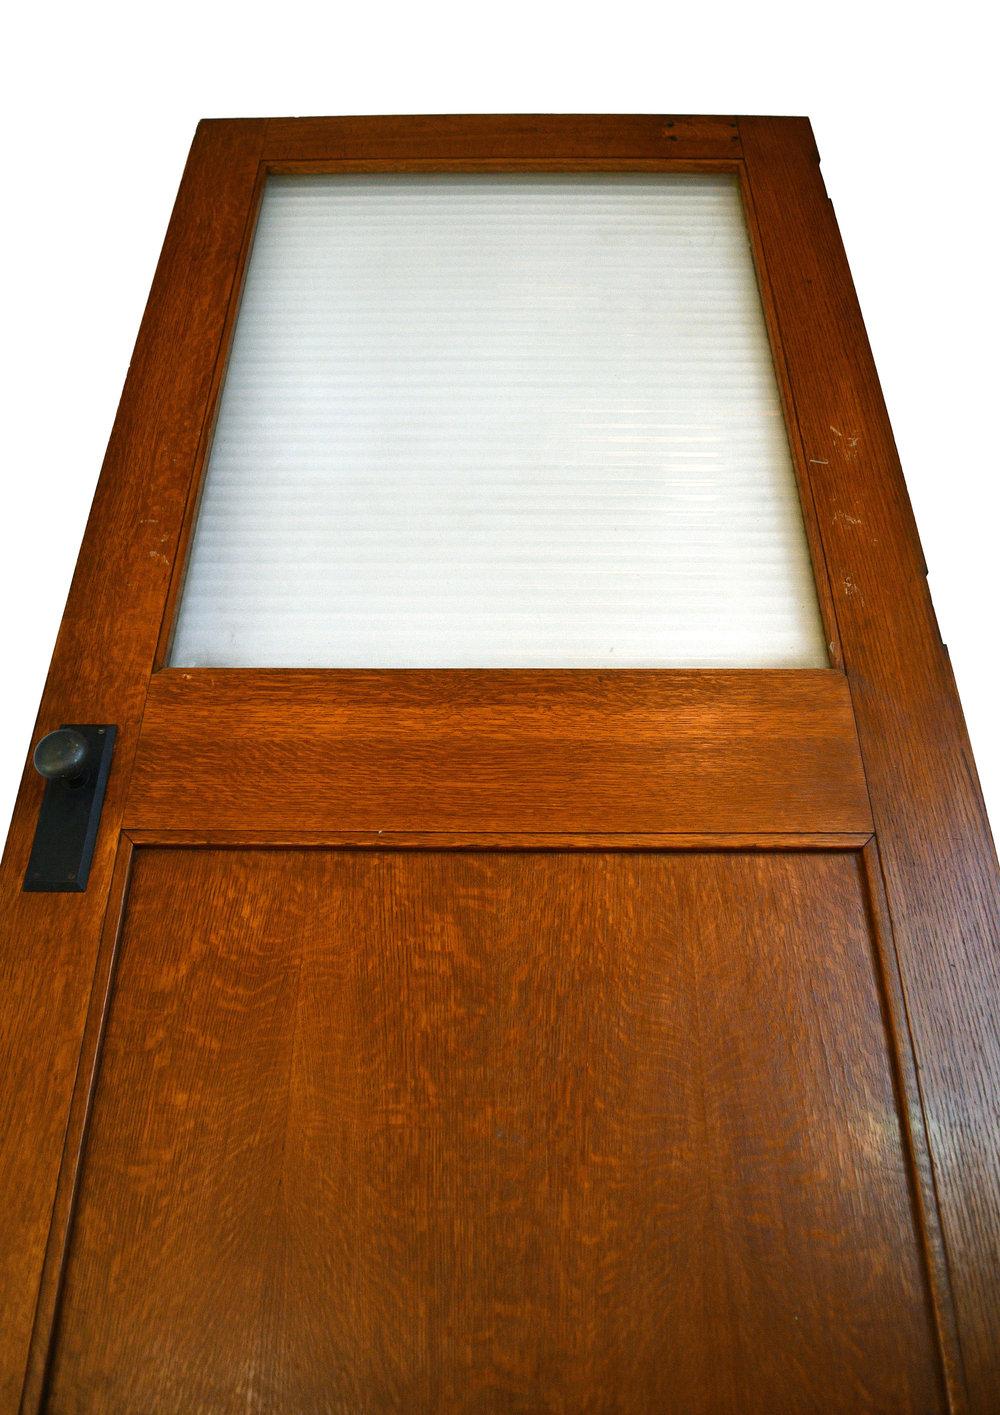 46160-quartersawn-half-view-door.jpg